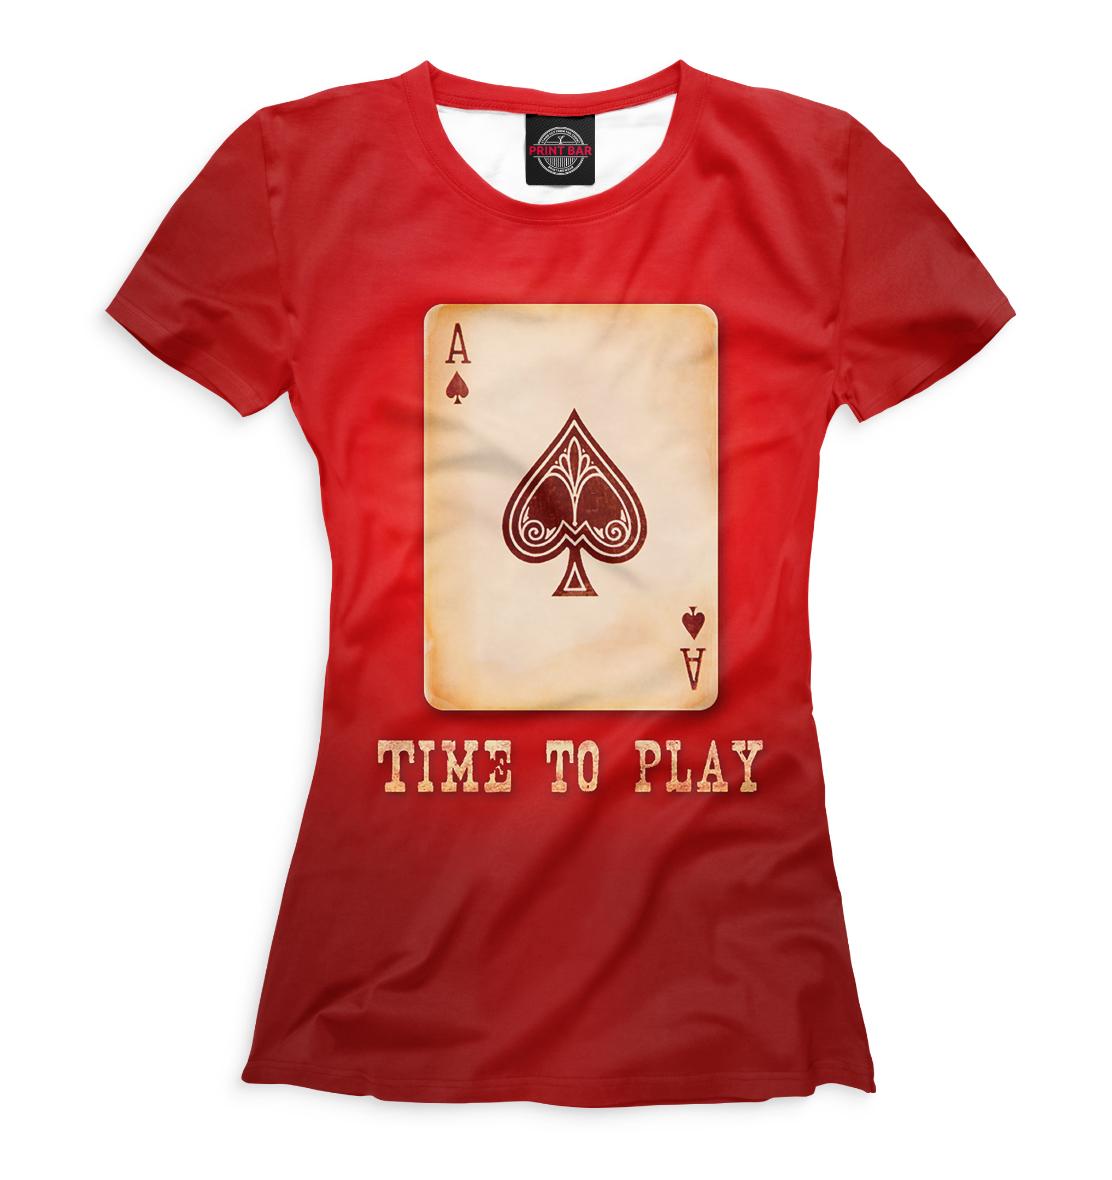 Купить Покер, Printbar, Футболки, POK-859729-fut-1